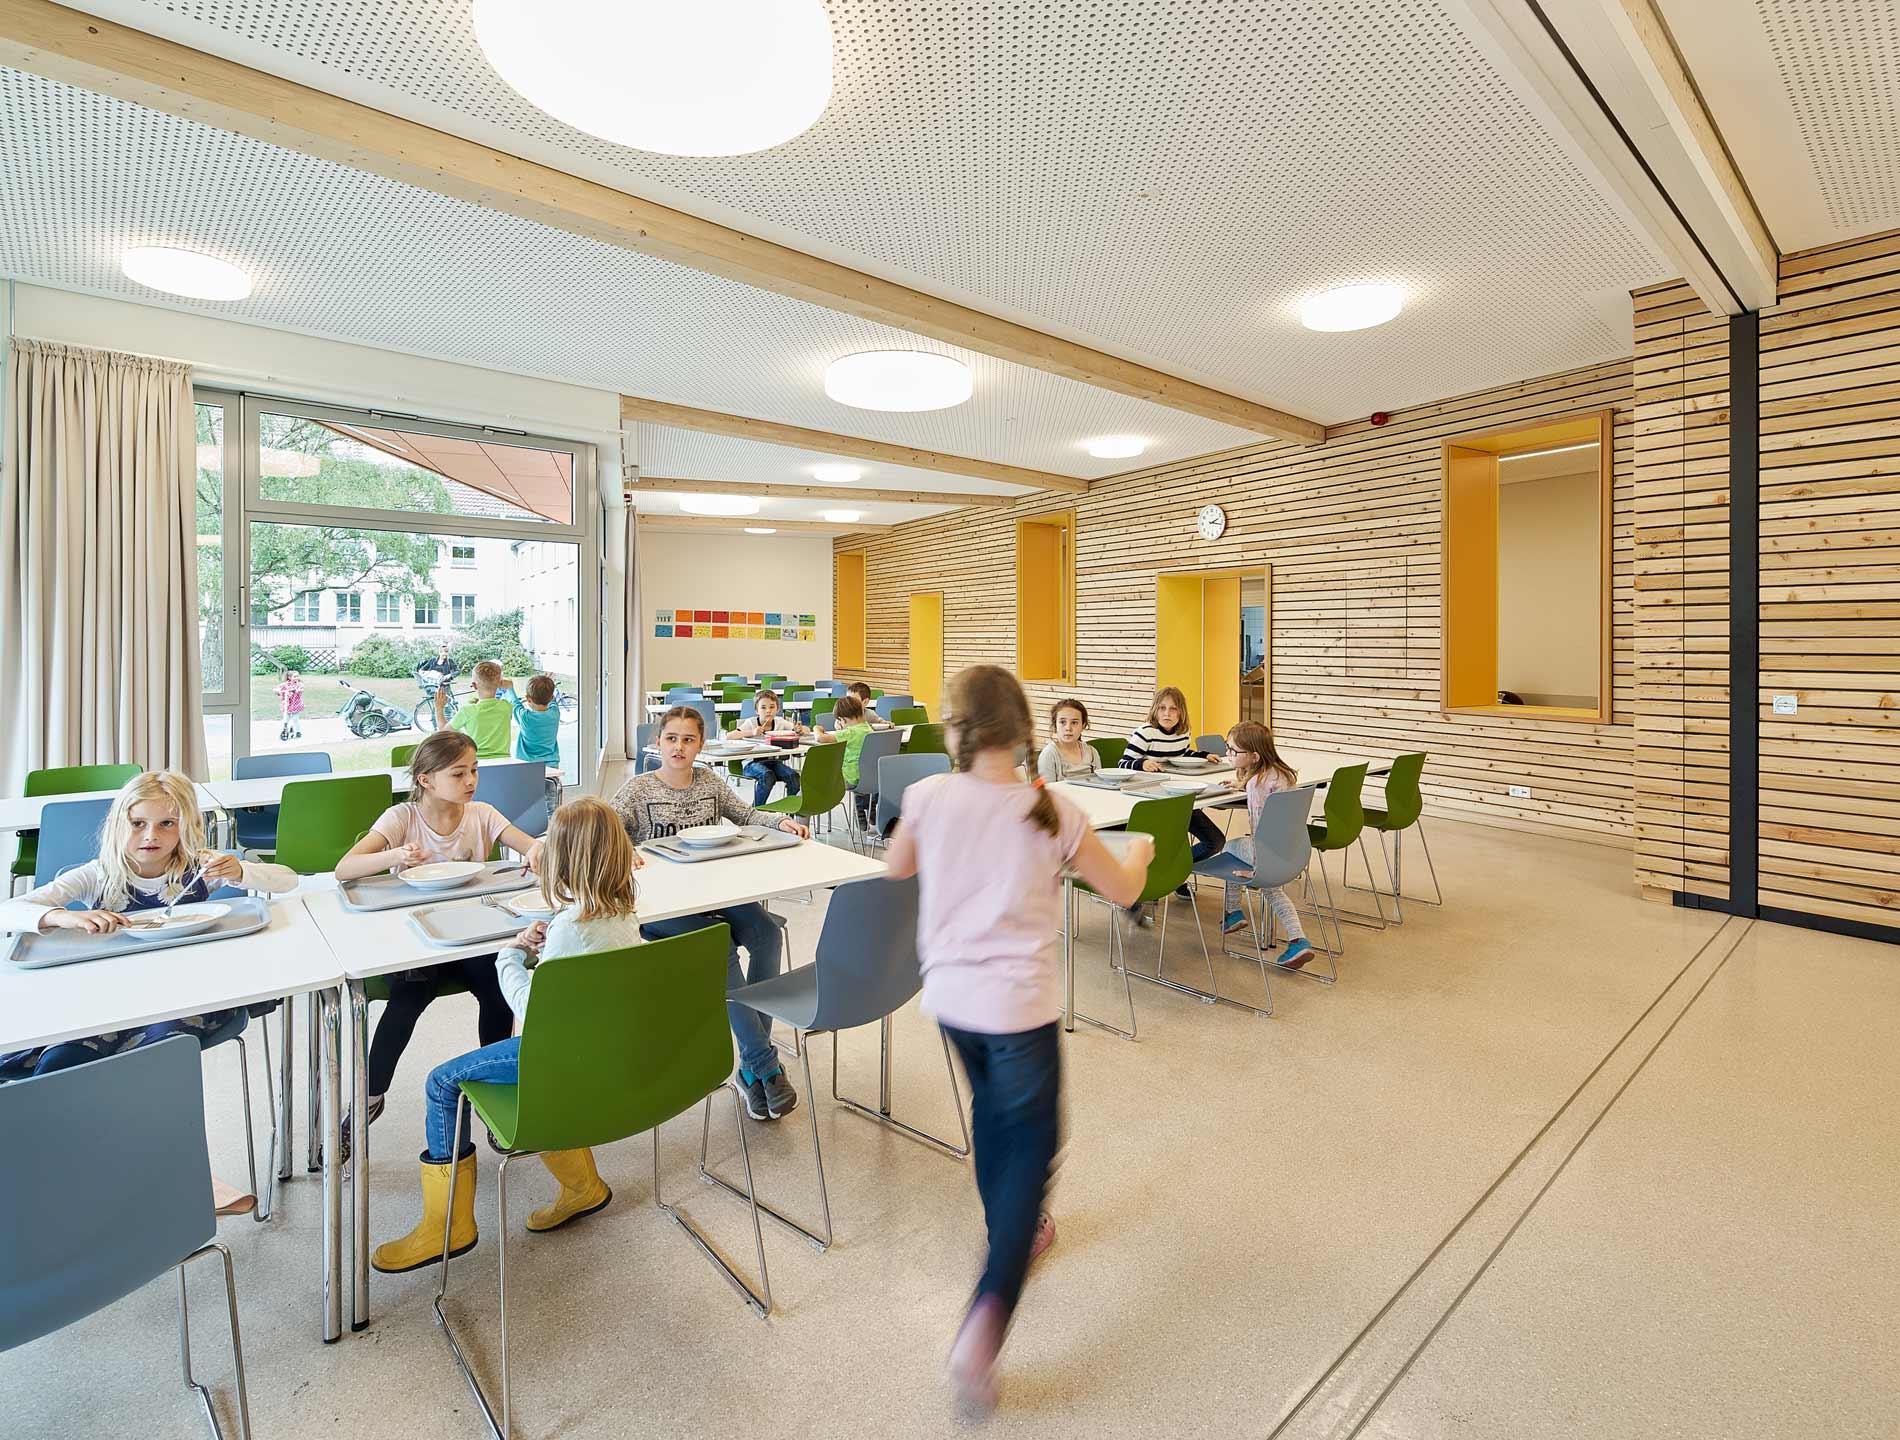 Durch die Trennwand kann ein weiterer Raum abgeteilt und für den Musikunterricht genutzt werden.